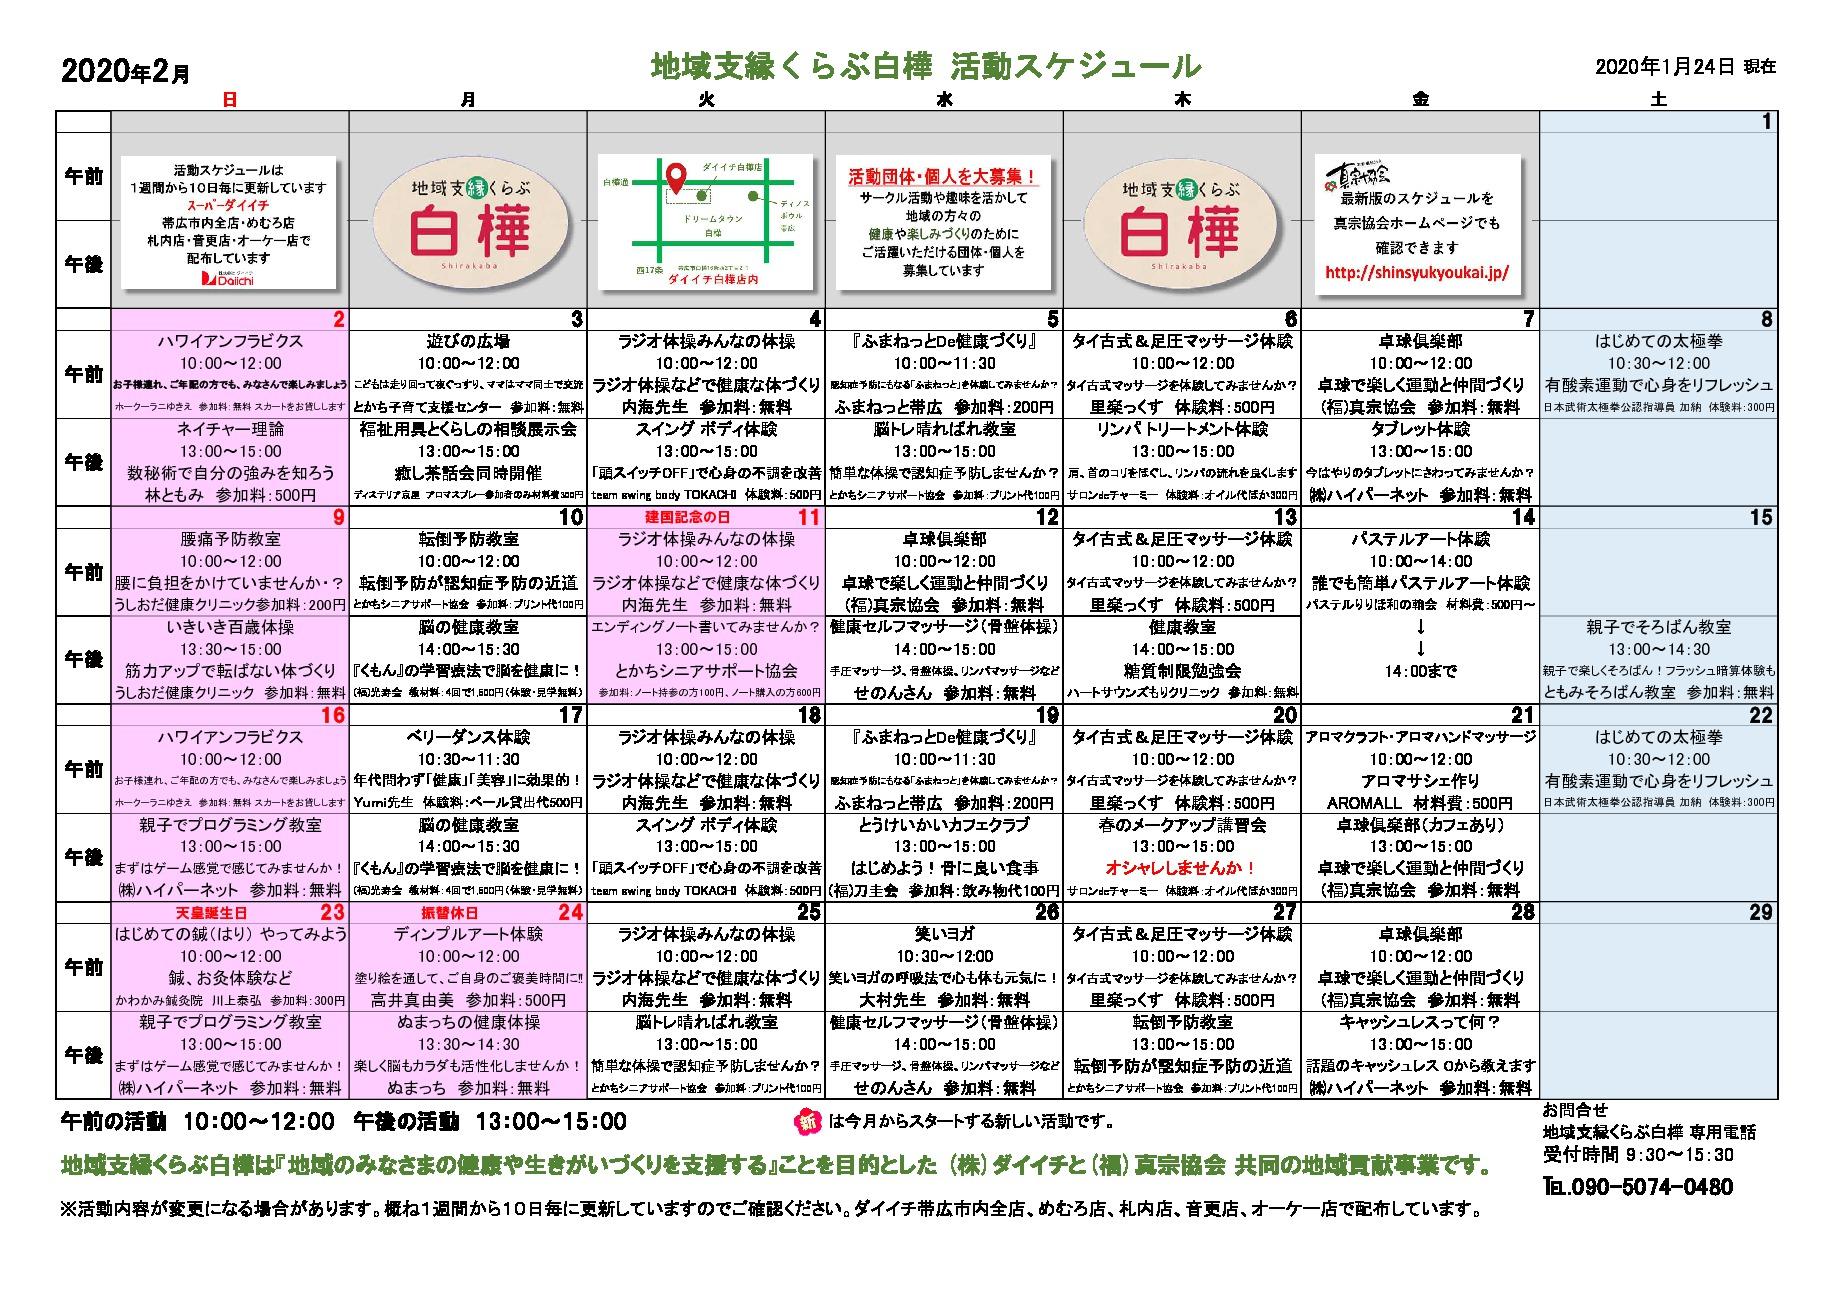 2019活動スケジュール2(2020.1.24付)のサムネイル